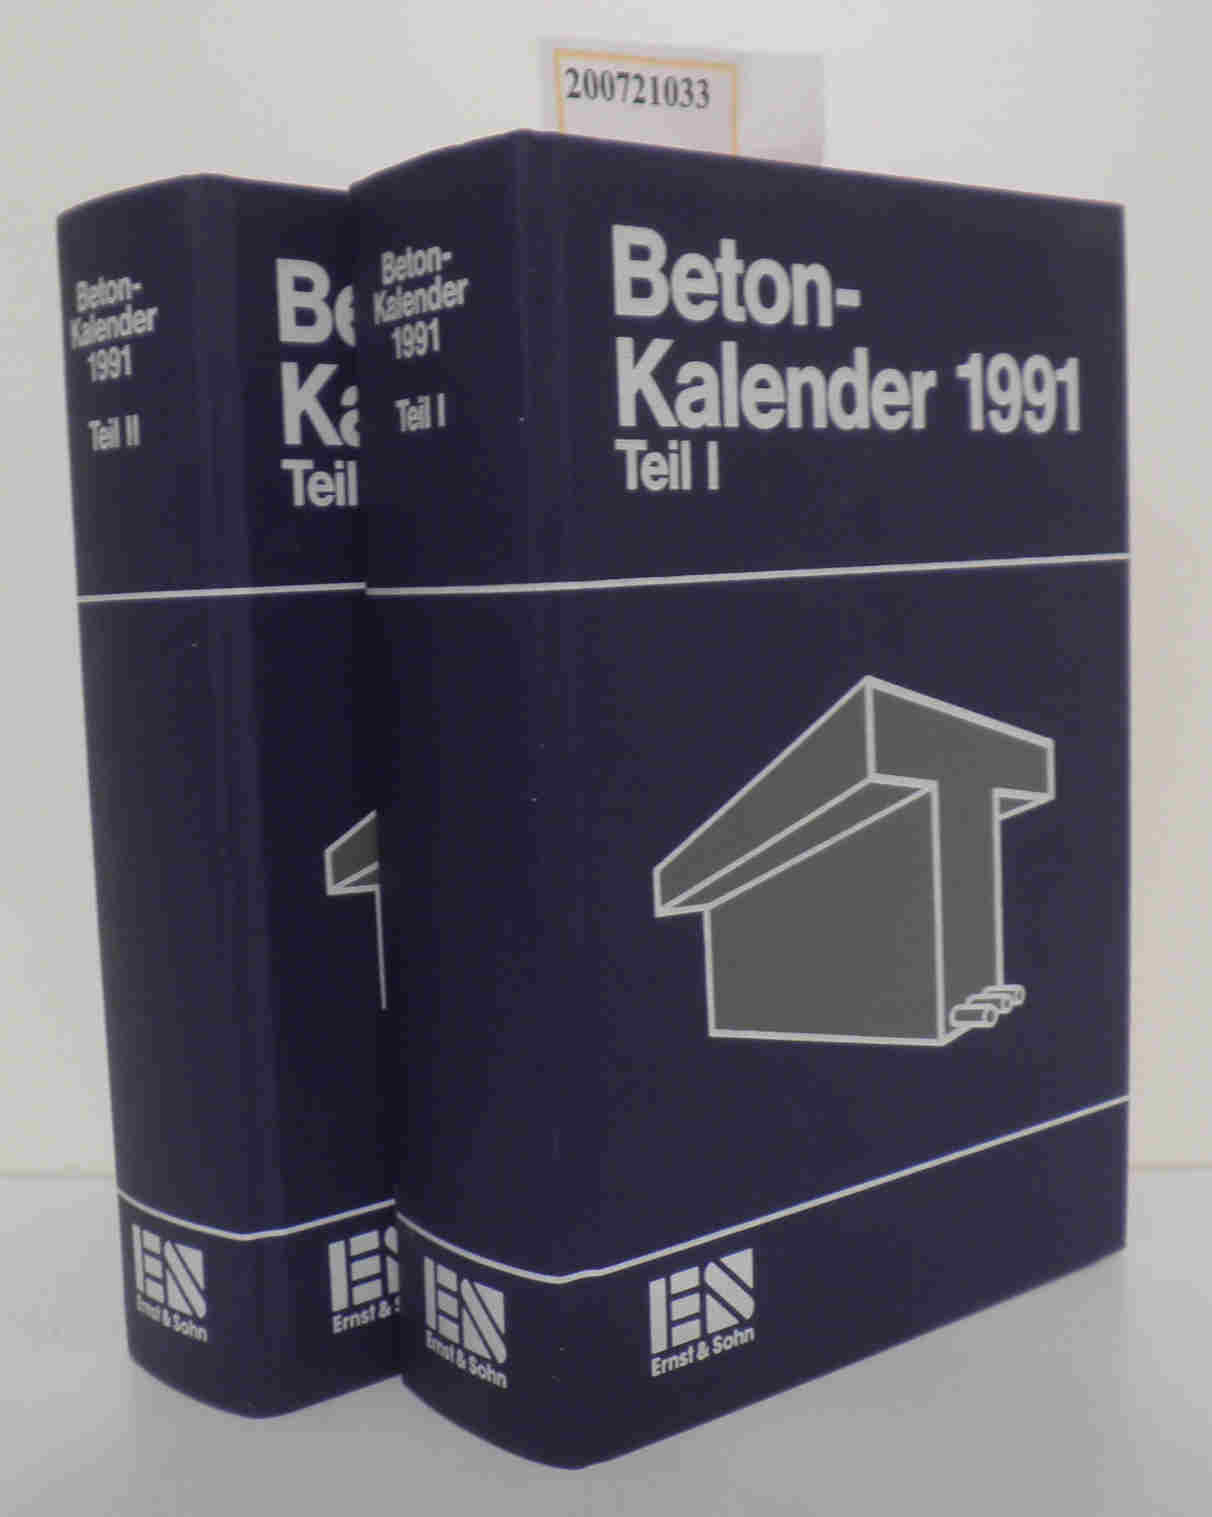 Beton-Kalender. 1991 Teil I und Teil II